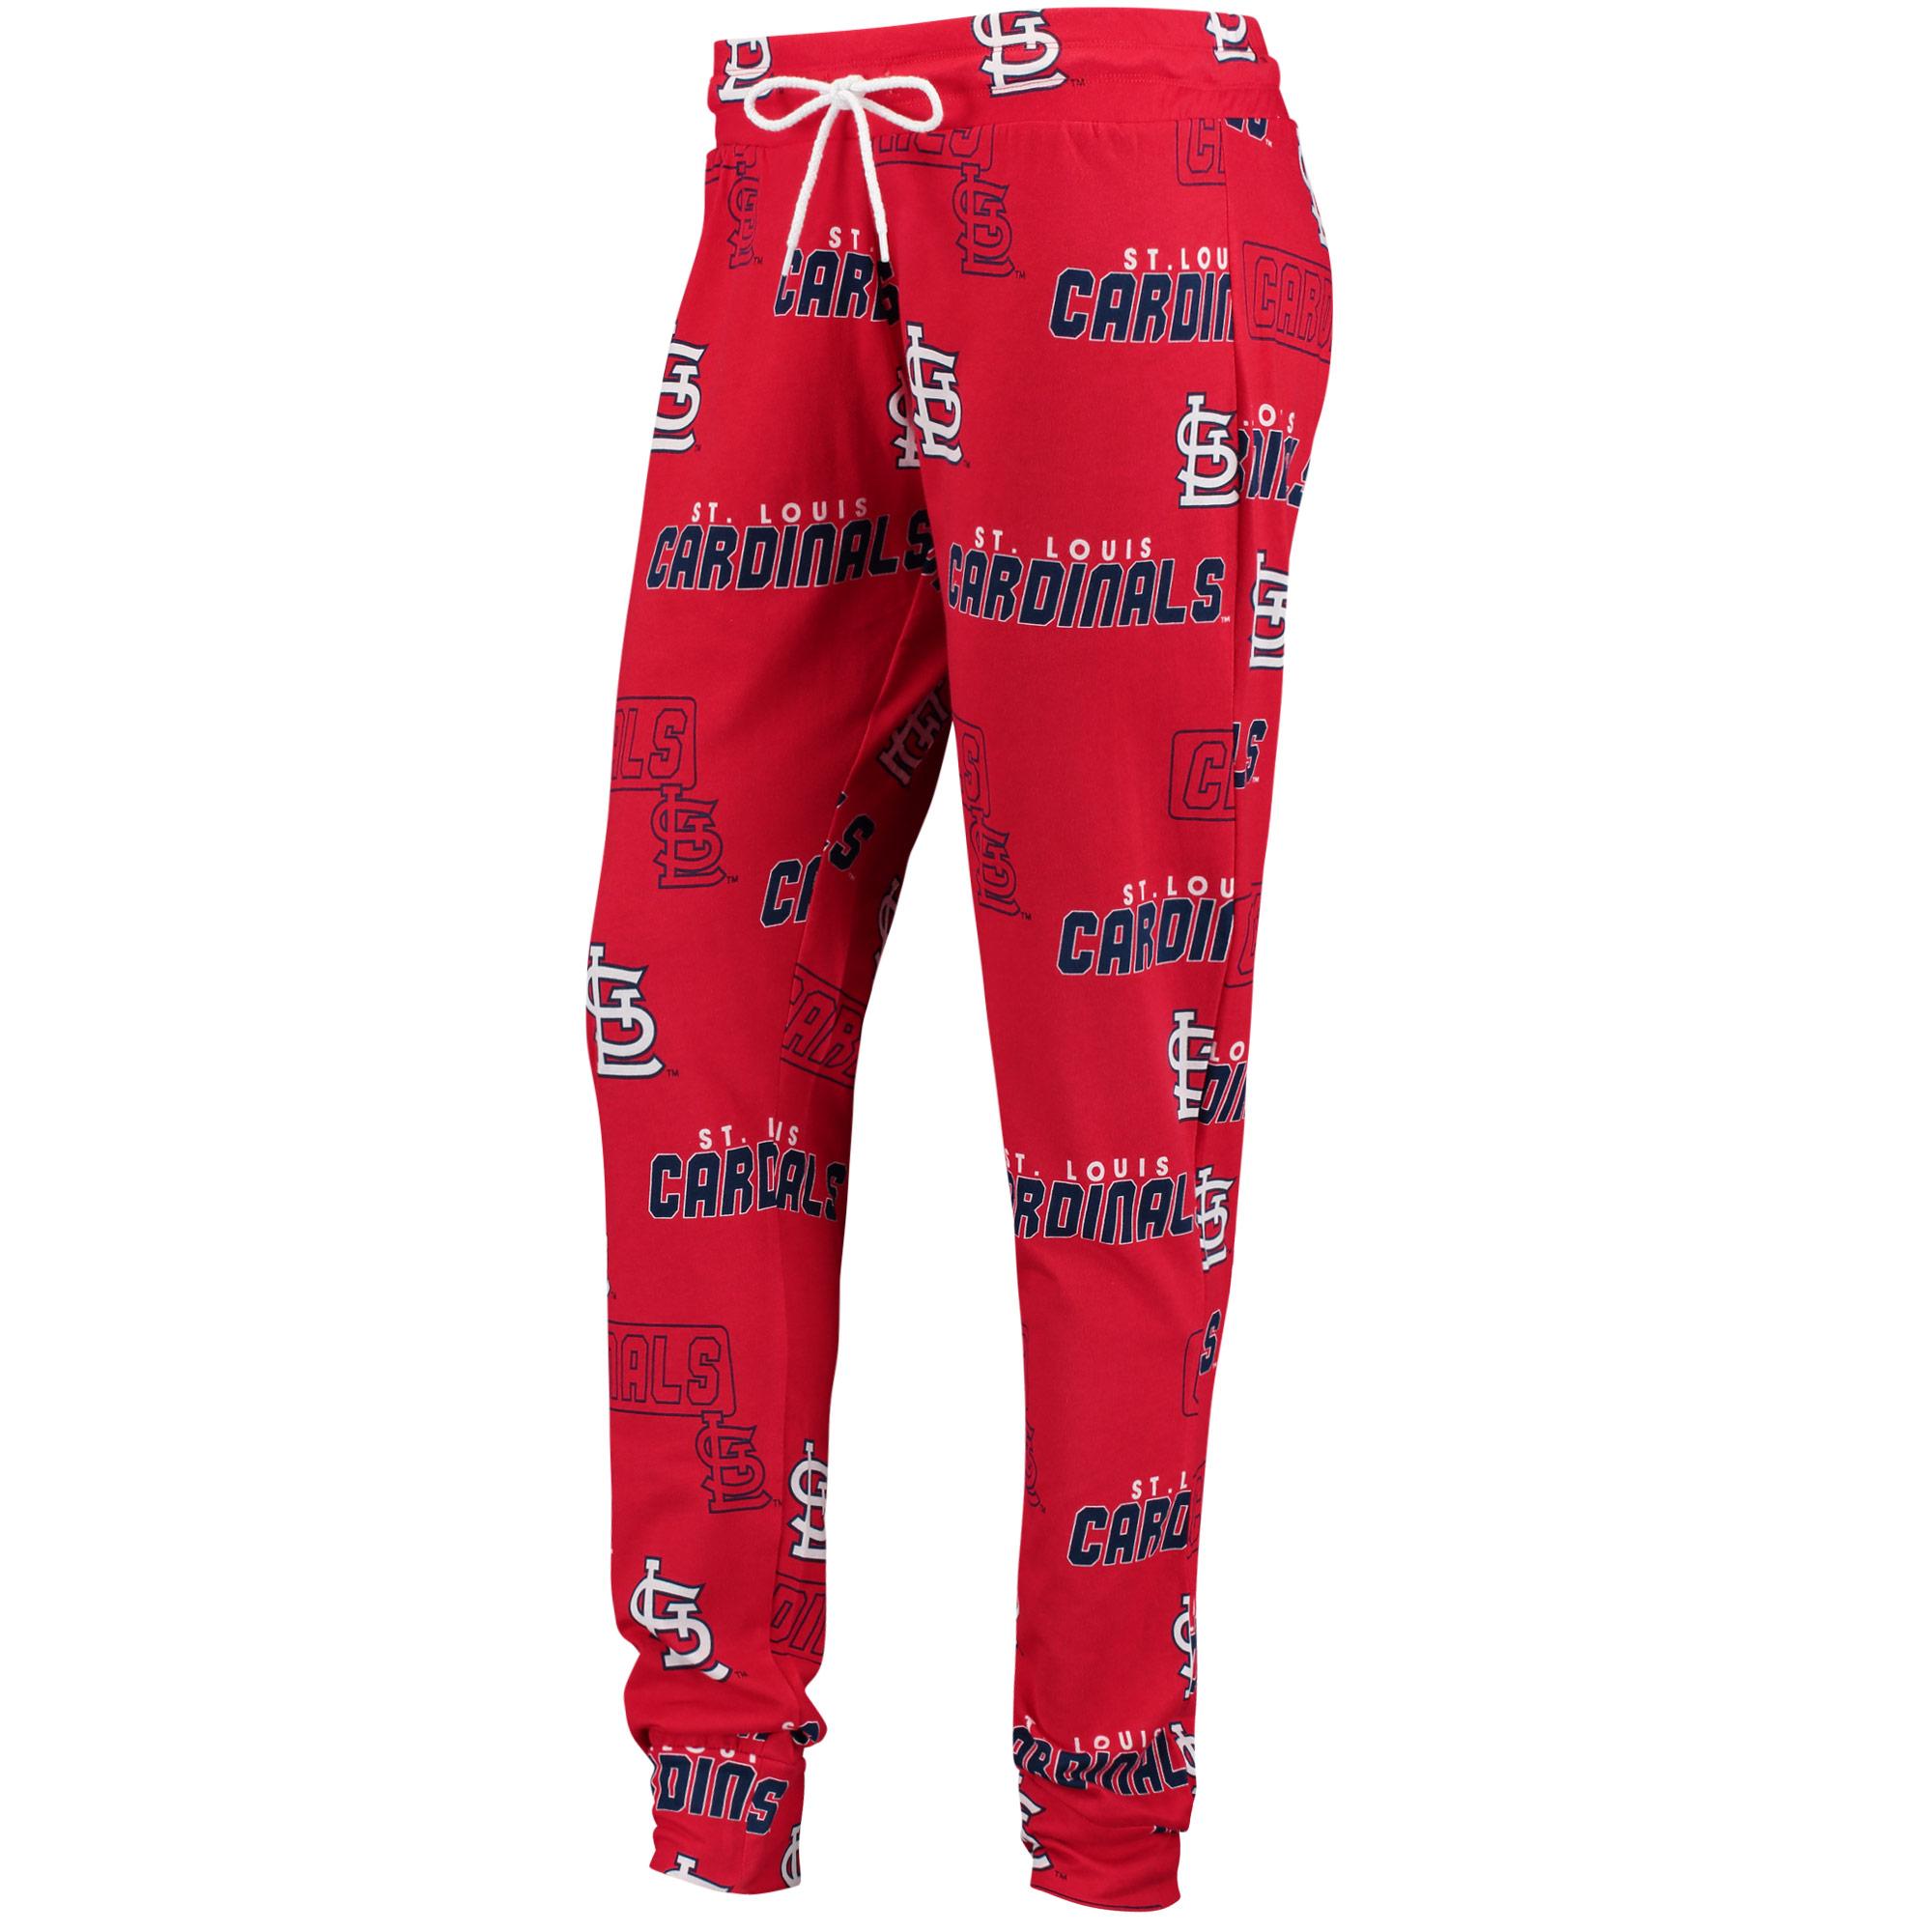 St. Louis Cardinals Concepts Sport Women's Slide Knit Pajama Pants - Red